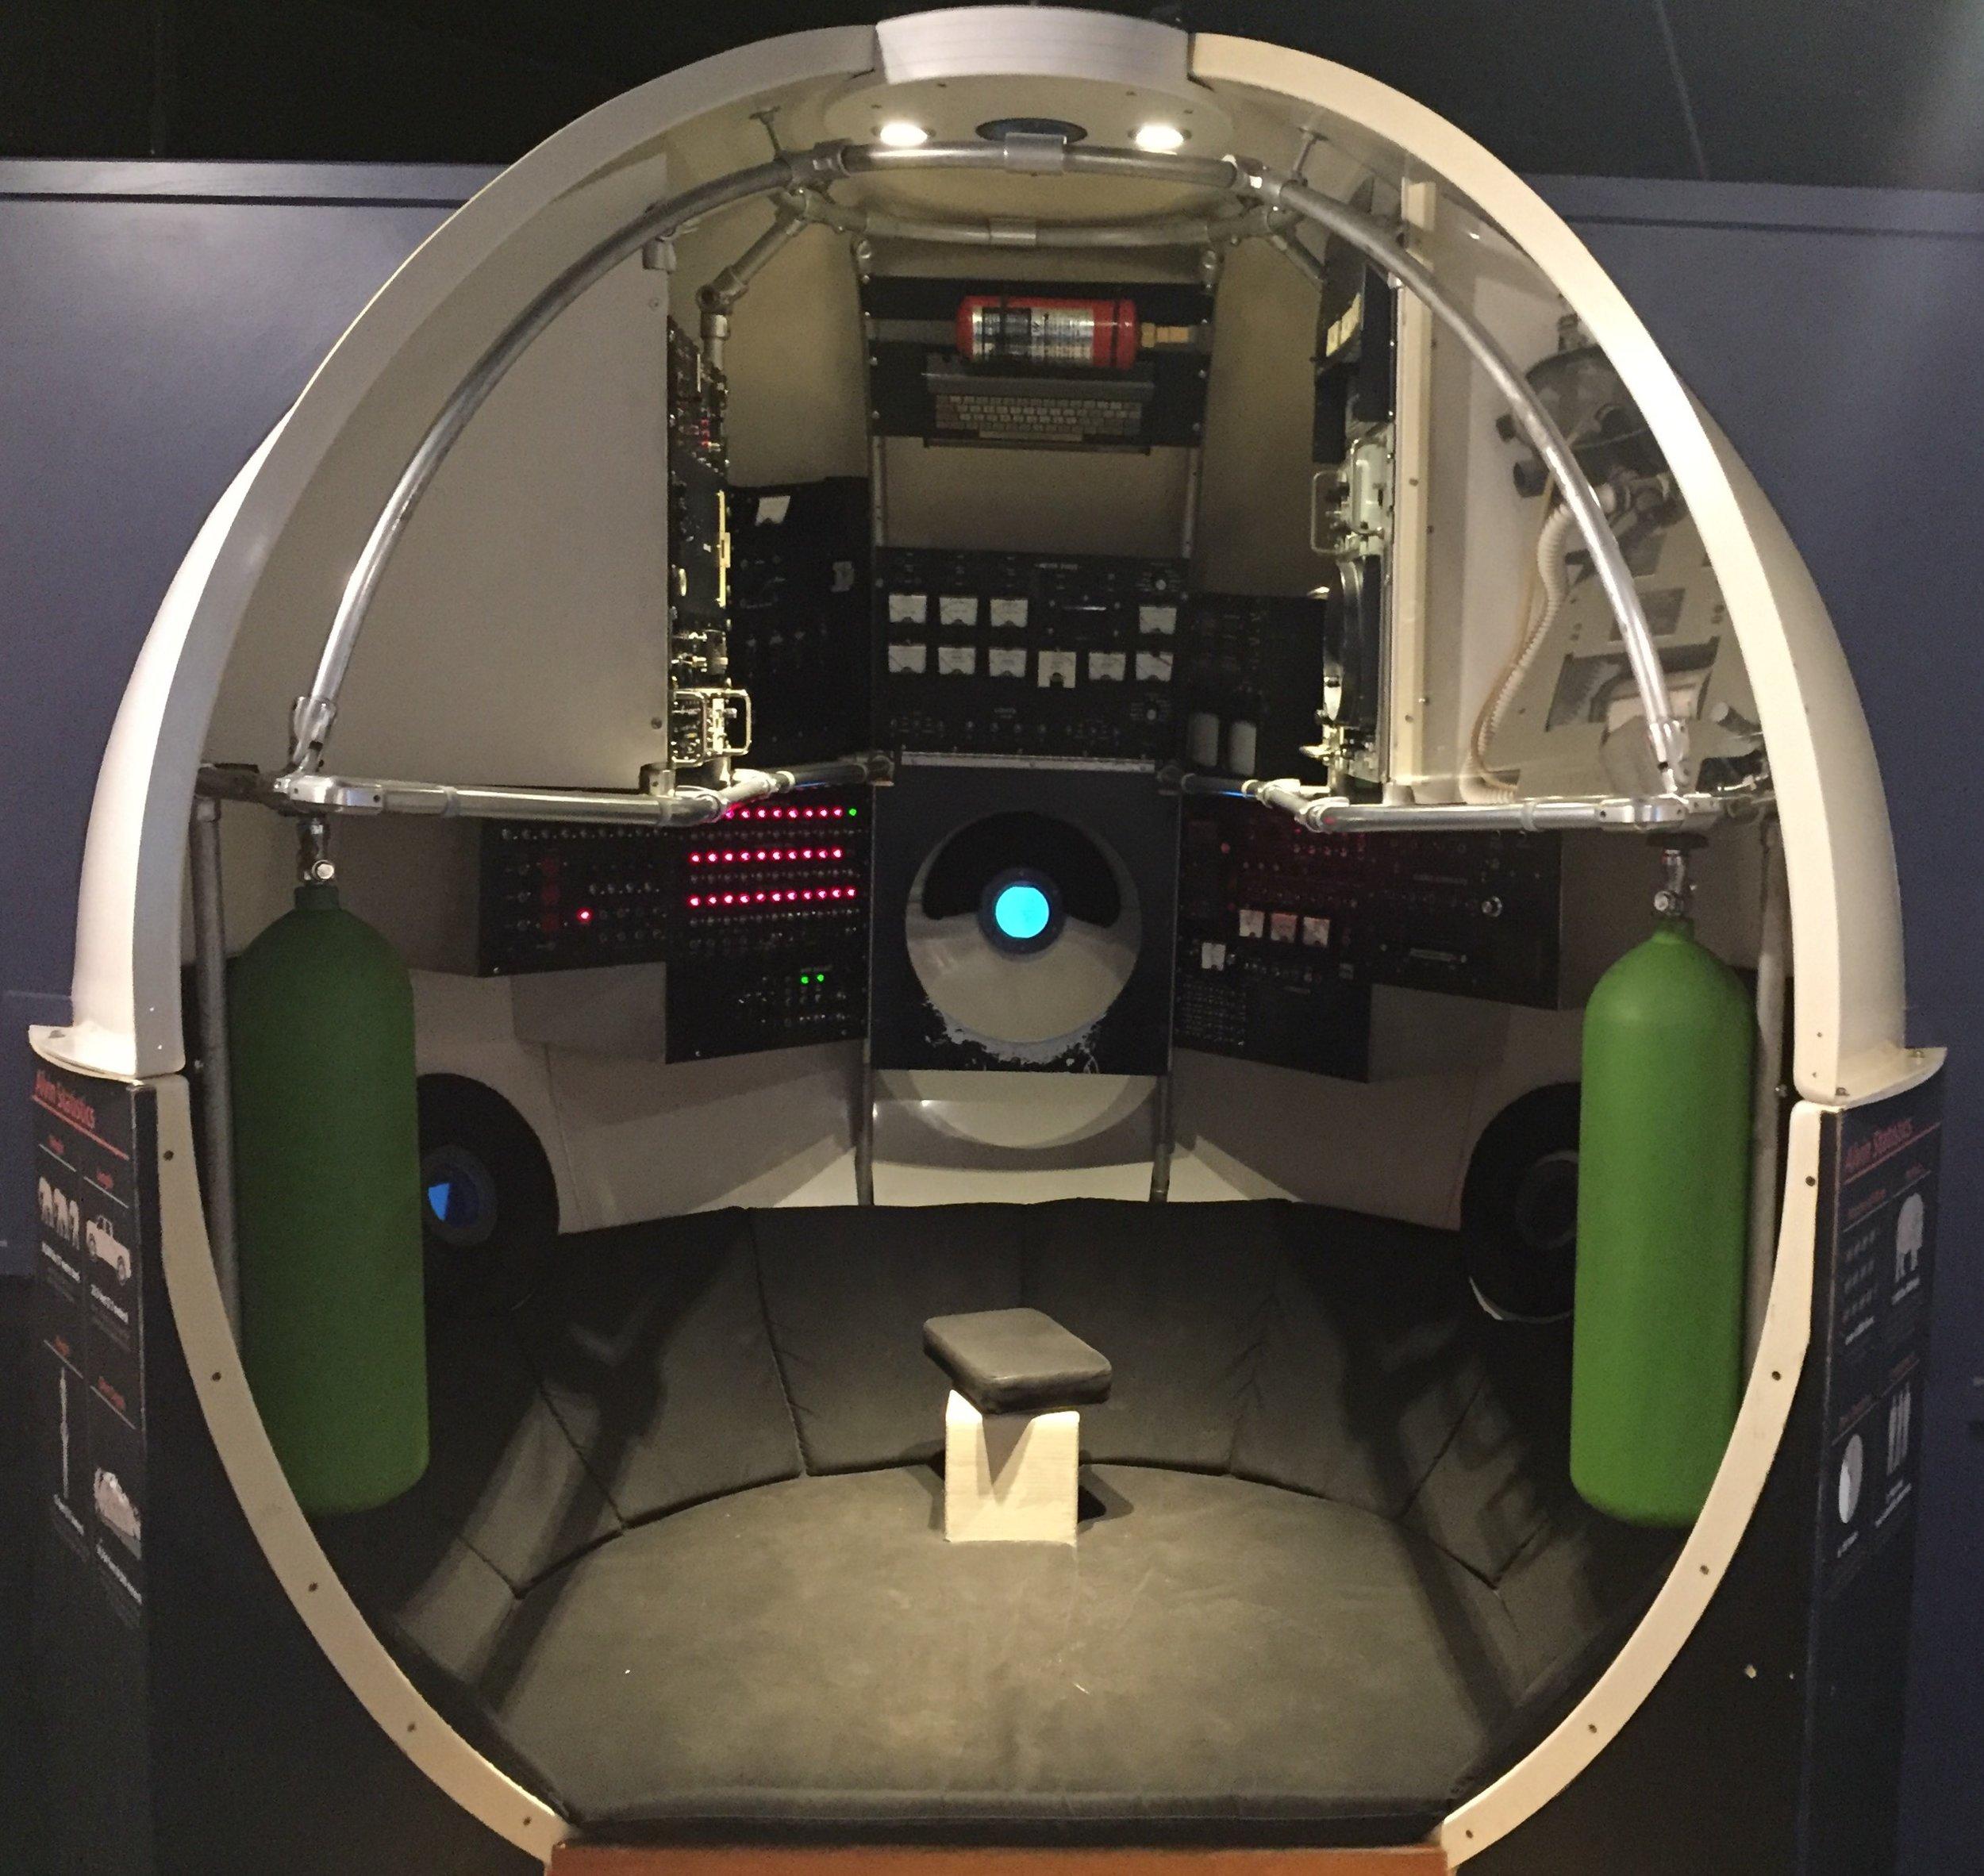 Reproduction of Alvin's Interior